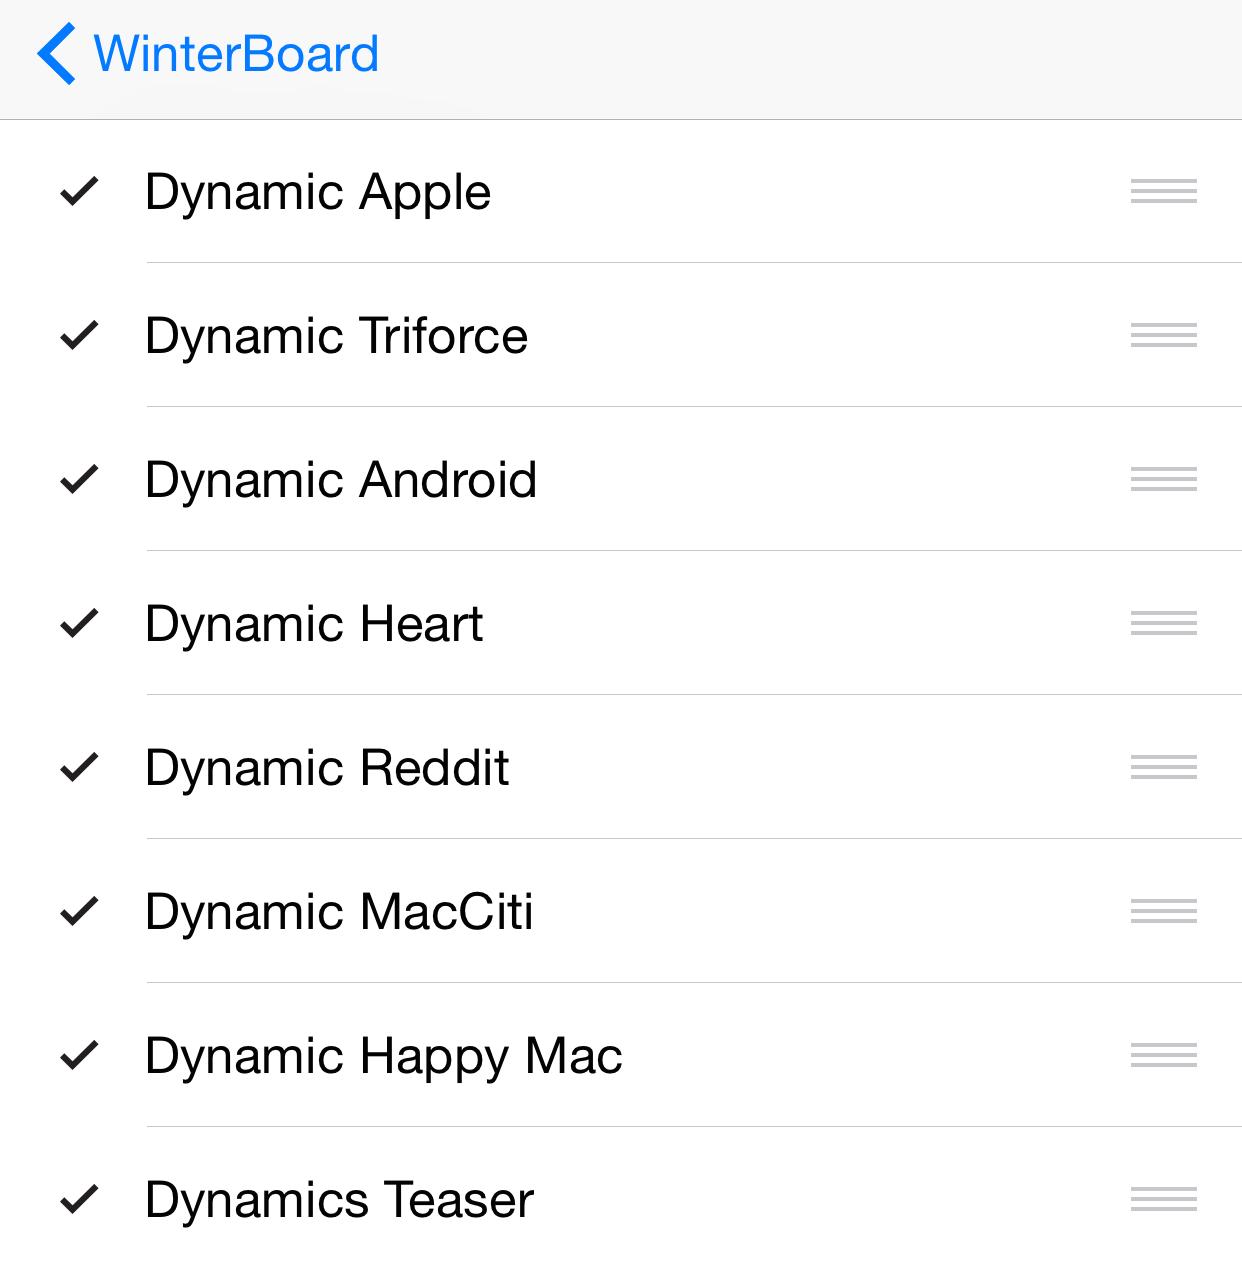 Dynamics WinterBoard